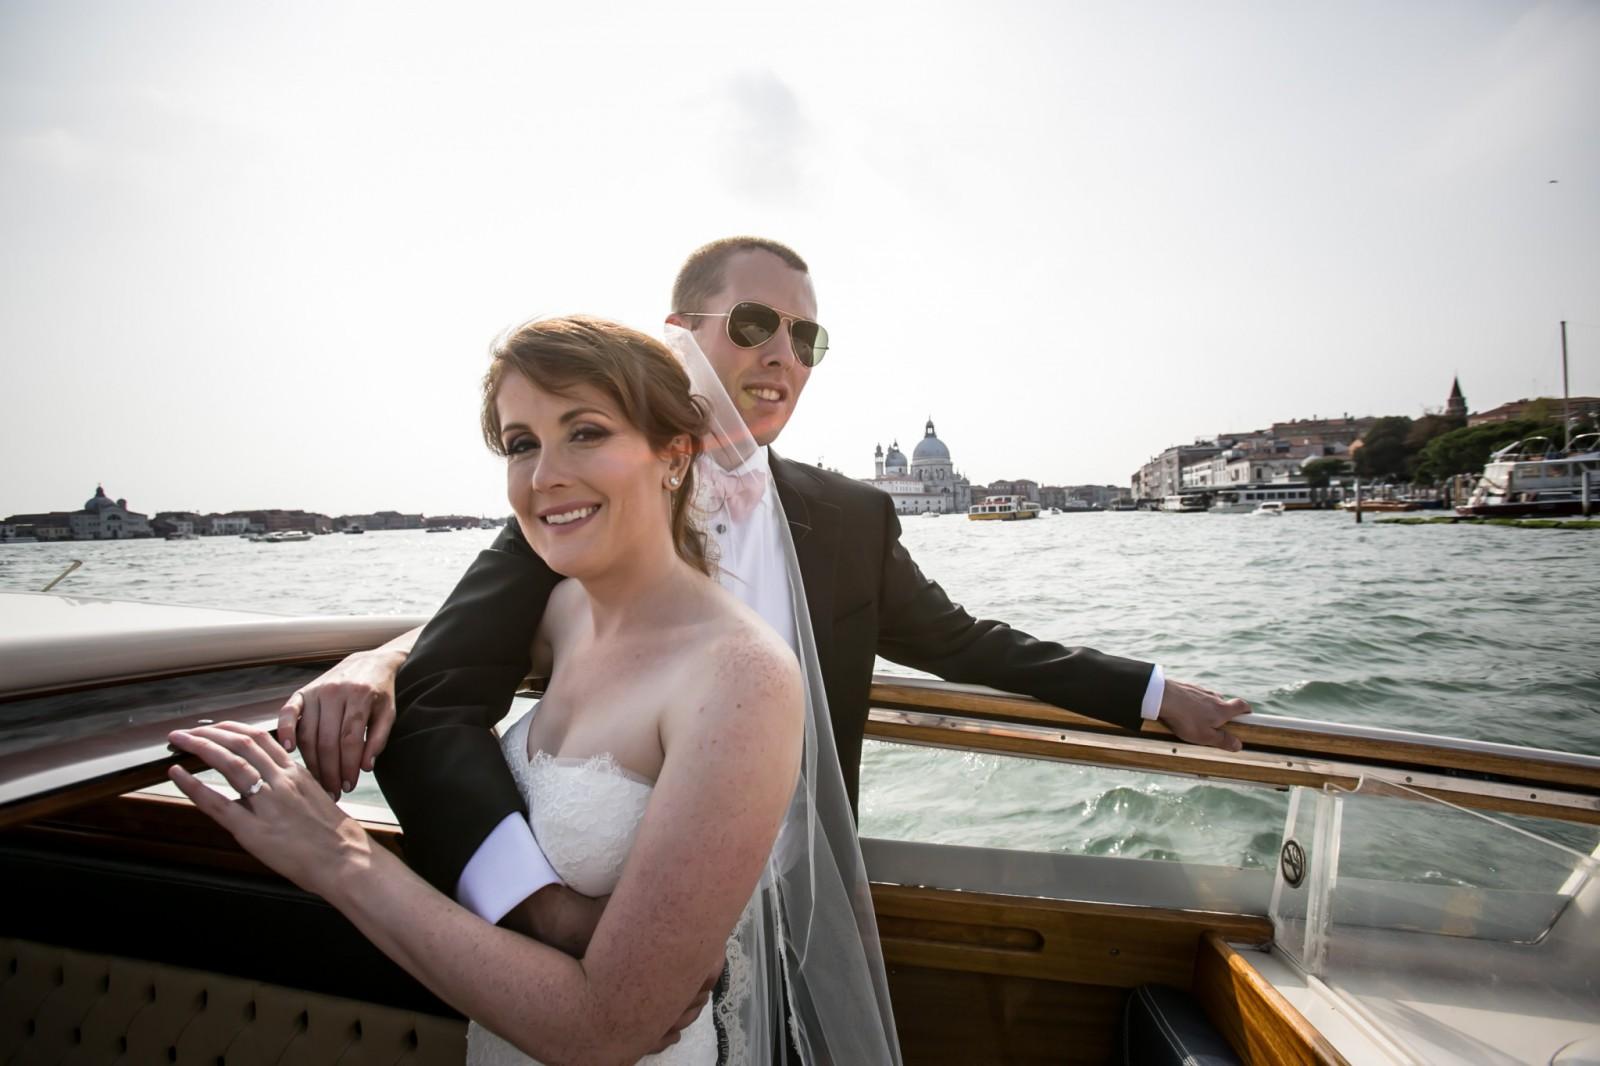 Joshua e Ashley from Boston,23 September 2014 - Jewish wedding in Venice by Michela Zucchini Studio-5